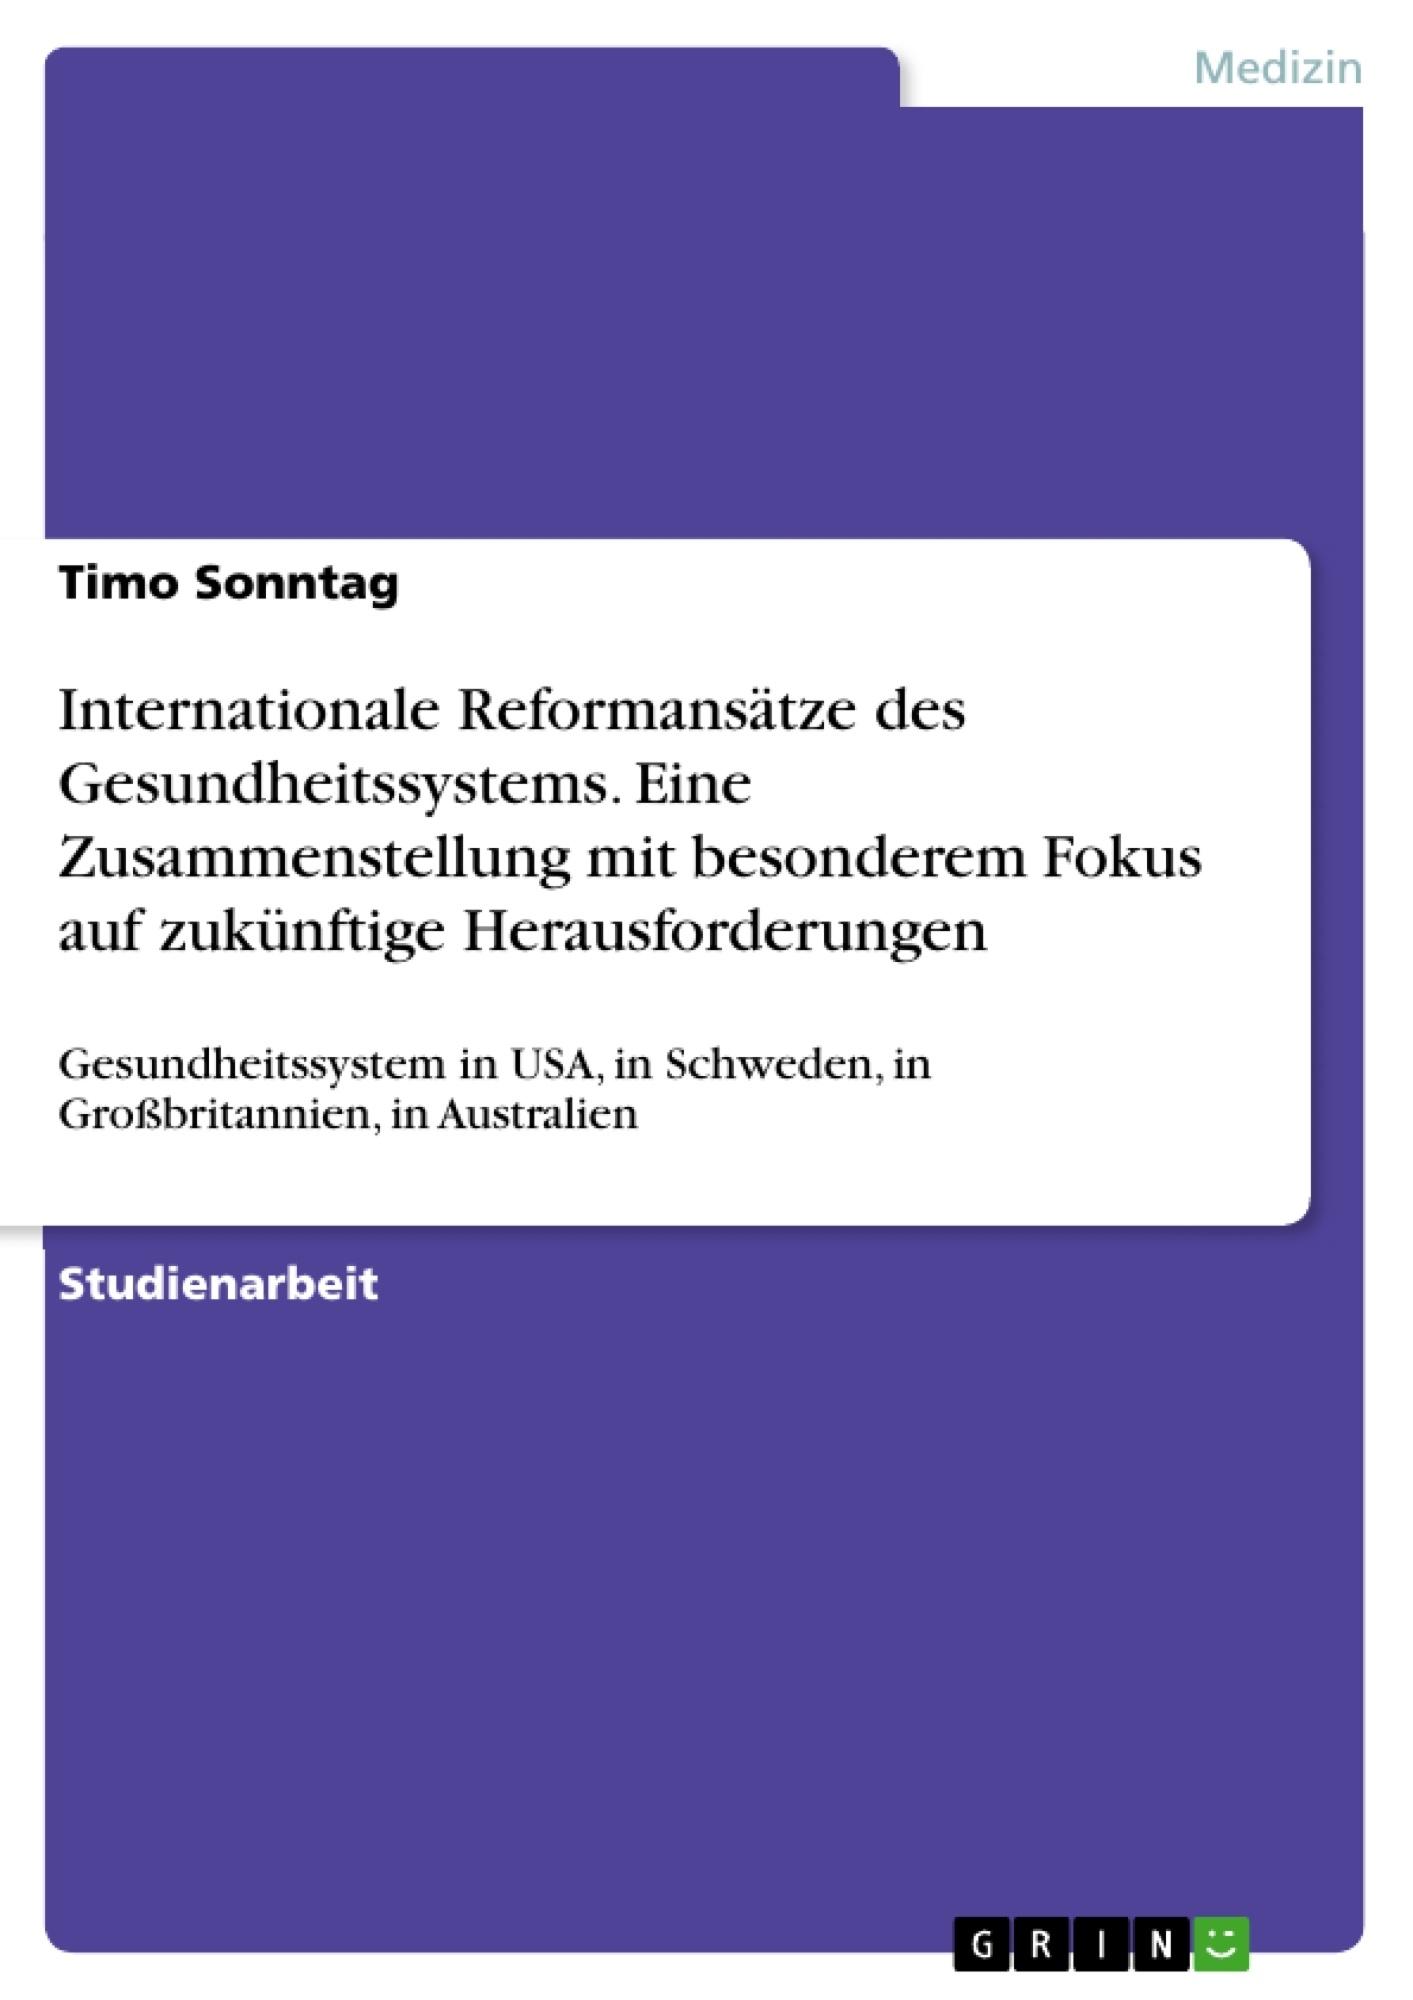 Titel: Internationale Reformansätze des Gesundheitssystems. Eine Zusammenstellung mit besonderem Fokus auf zukünftige Herausforderungen